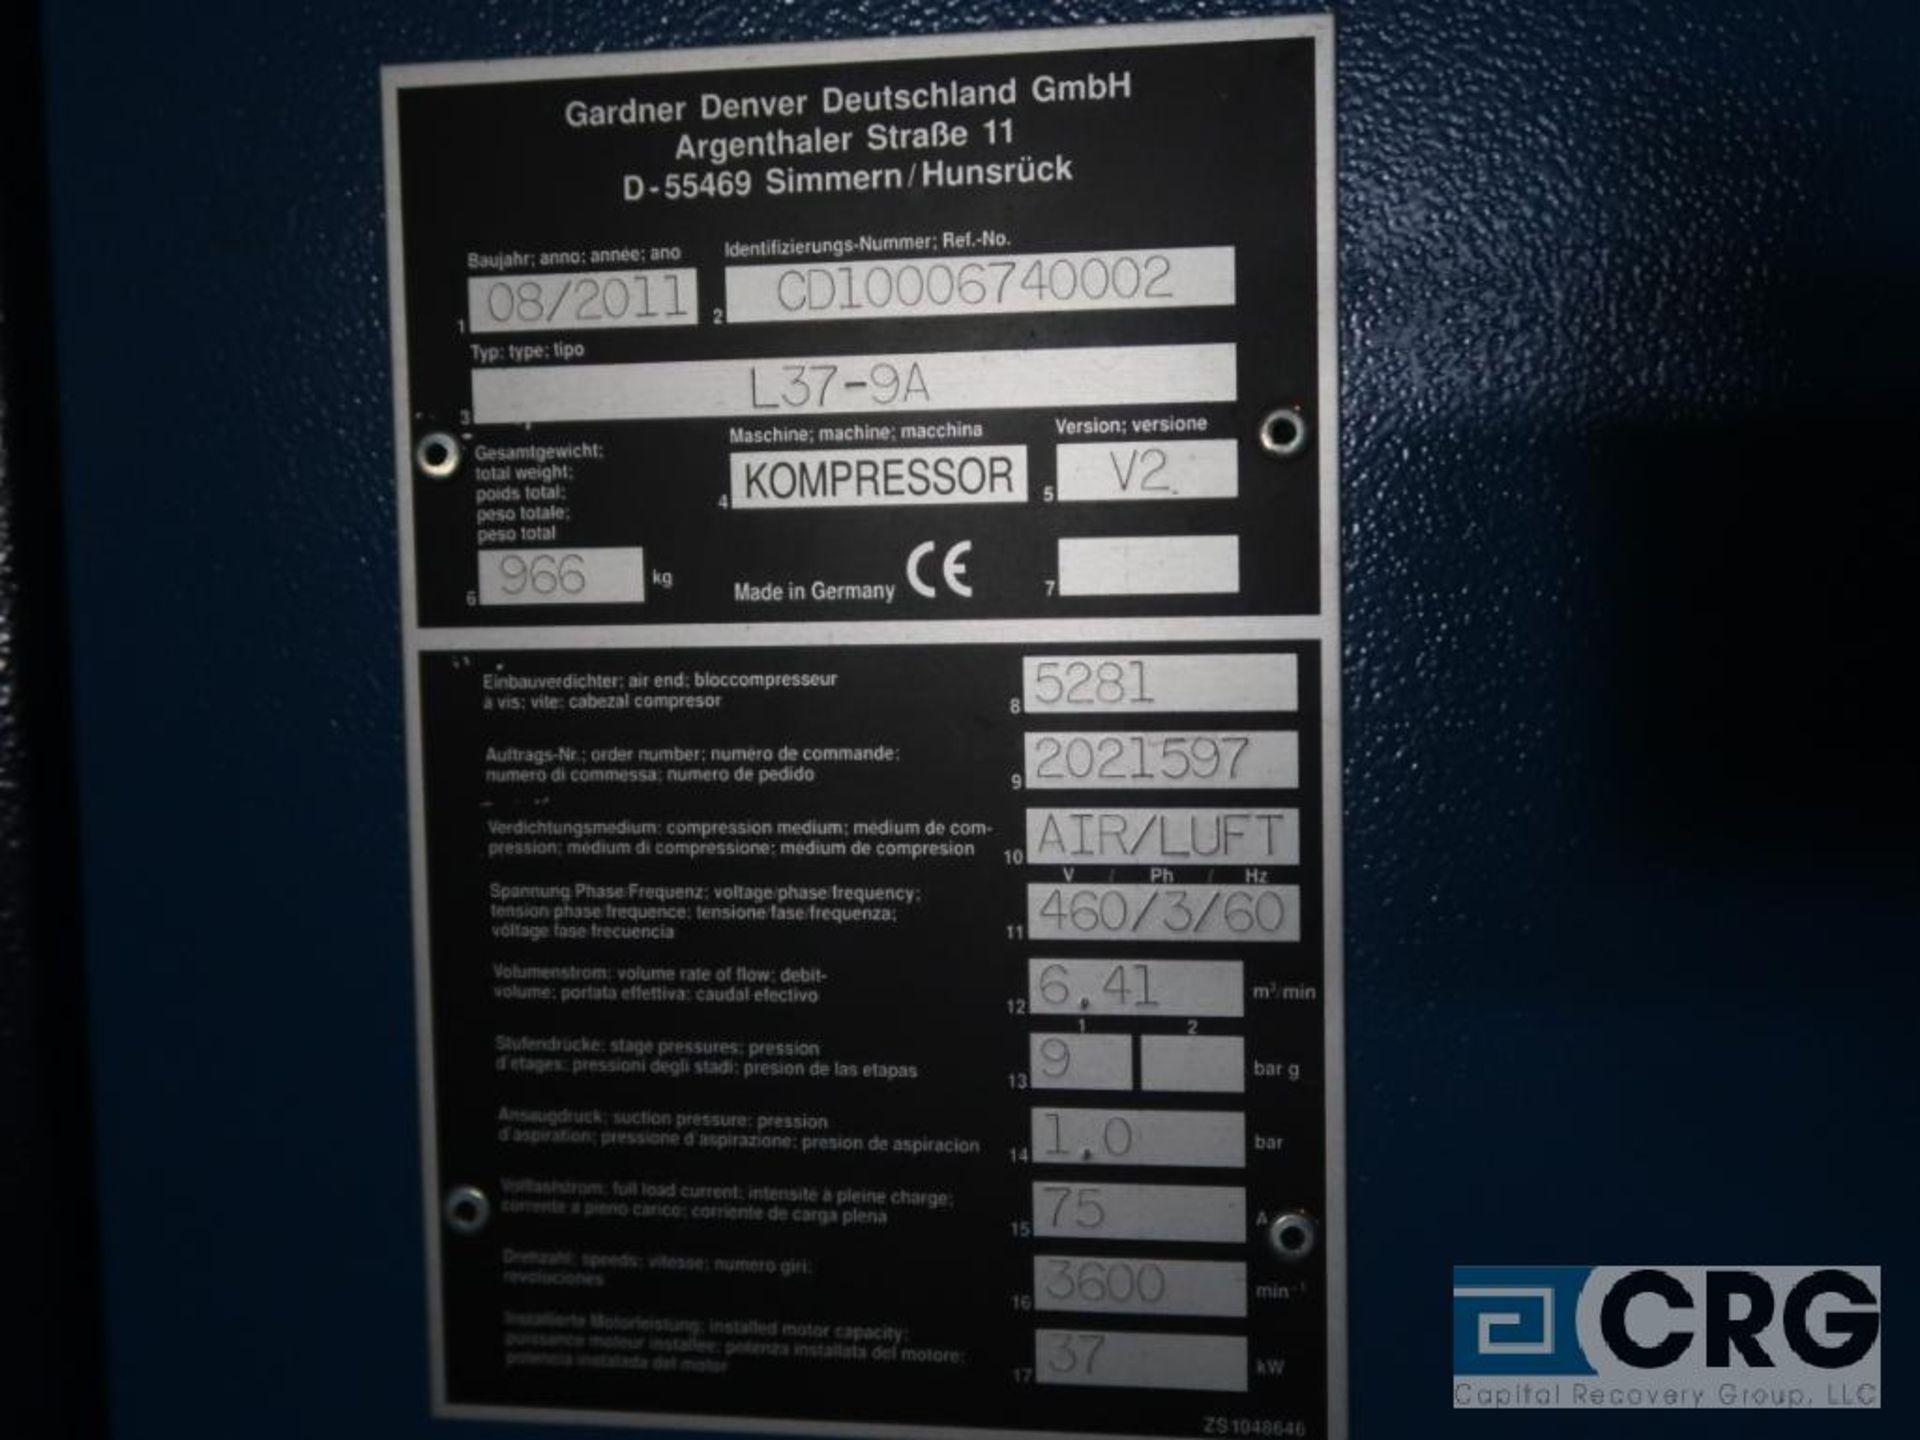 Gardner Denver L37RS DELCOSXL air compressor, mfg. 2011, s/n 6740002 (Off Site Warehouse) - Image 3 of 3